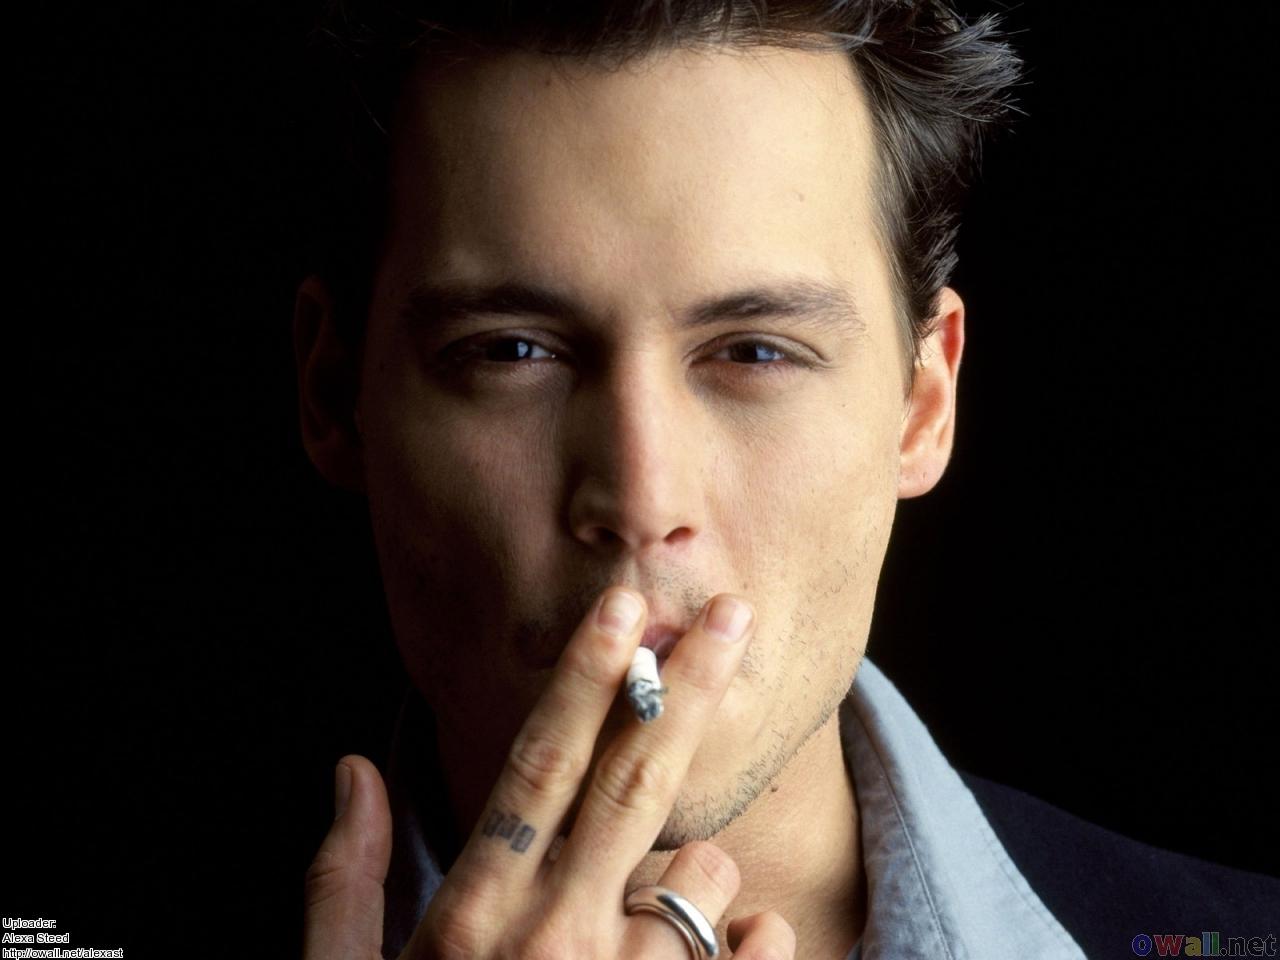 http://2.bp.blogspot.com/-i5DrdRYU_vs/T80ZgFDS4DI/AAAAAAAAAJ0/pV-5IeiilJc/s1600/johnny+depp+smoking+05.jpg